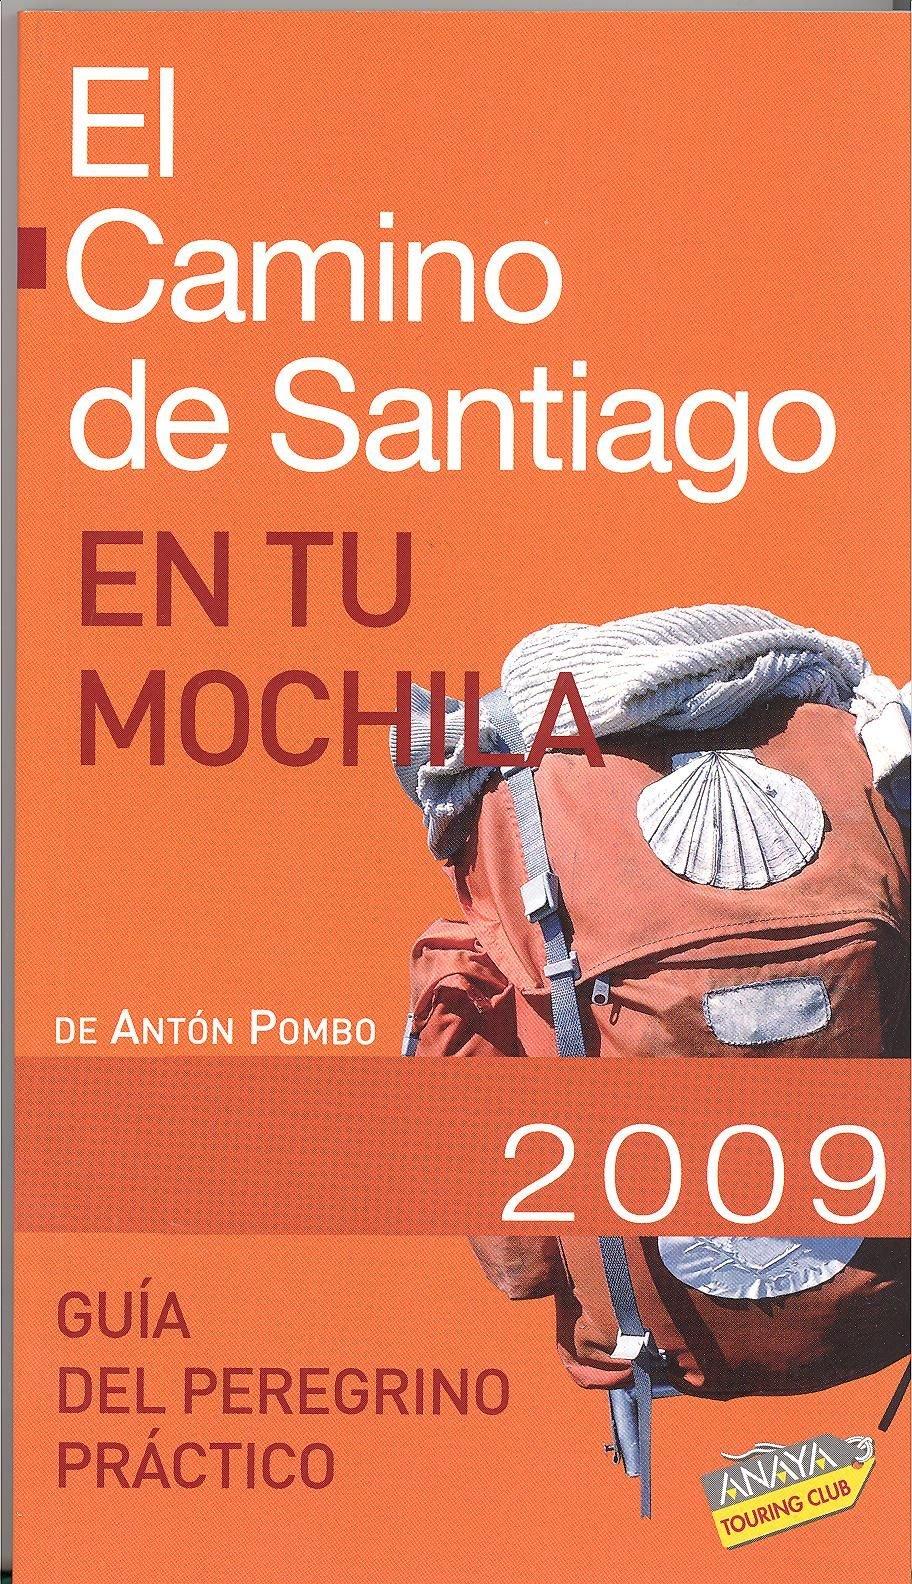 El Camino de Santiago en tu mochila 2009/ The Way to Santiago in your Backpack (Spanish Edition) (Spanish) Paperback – March 2, 2009